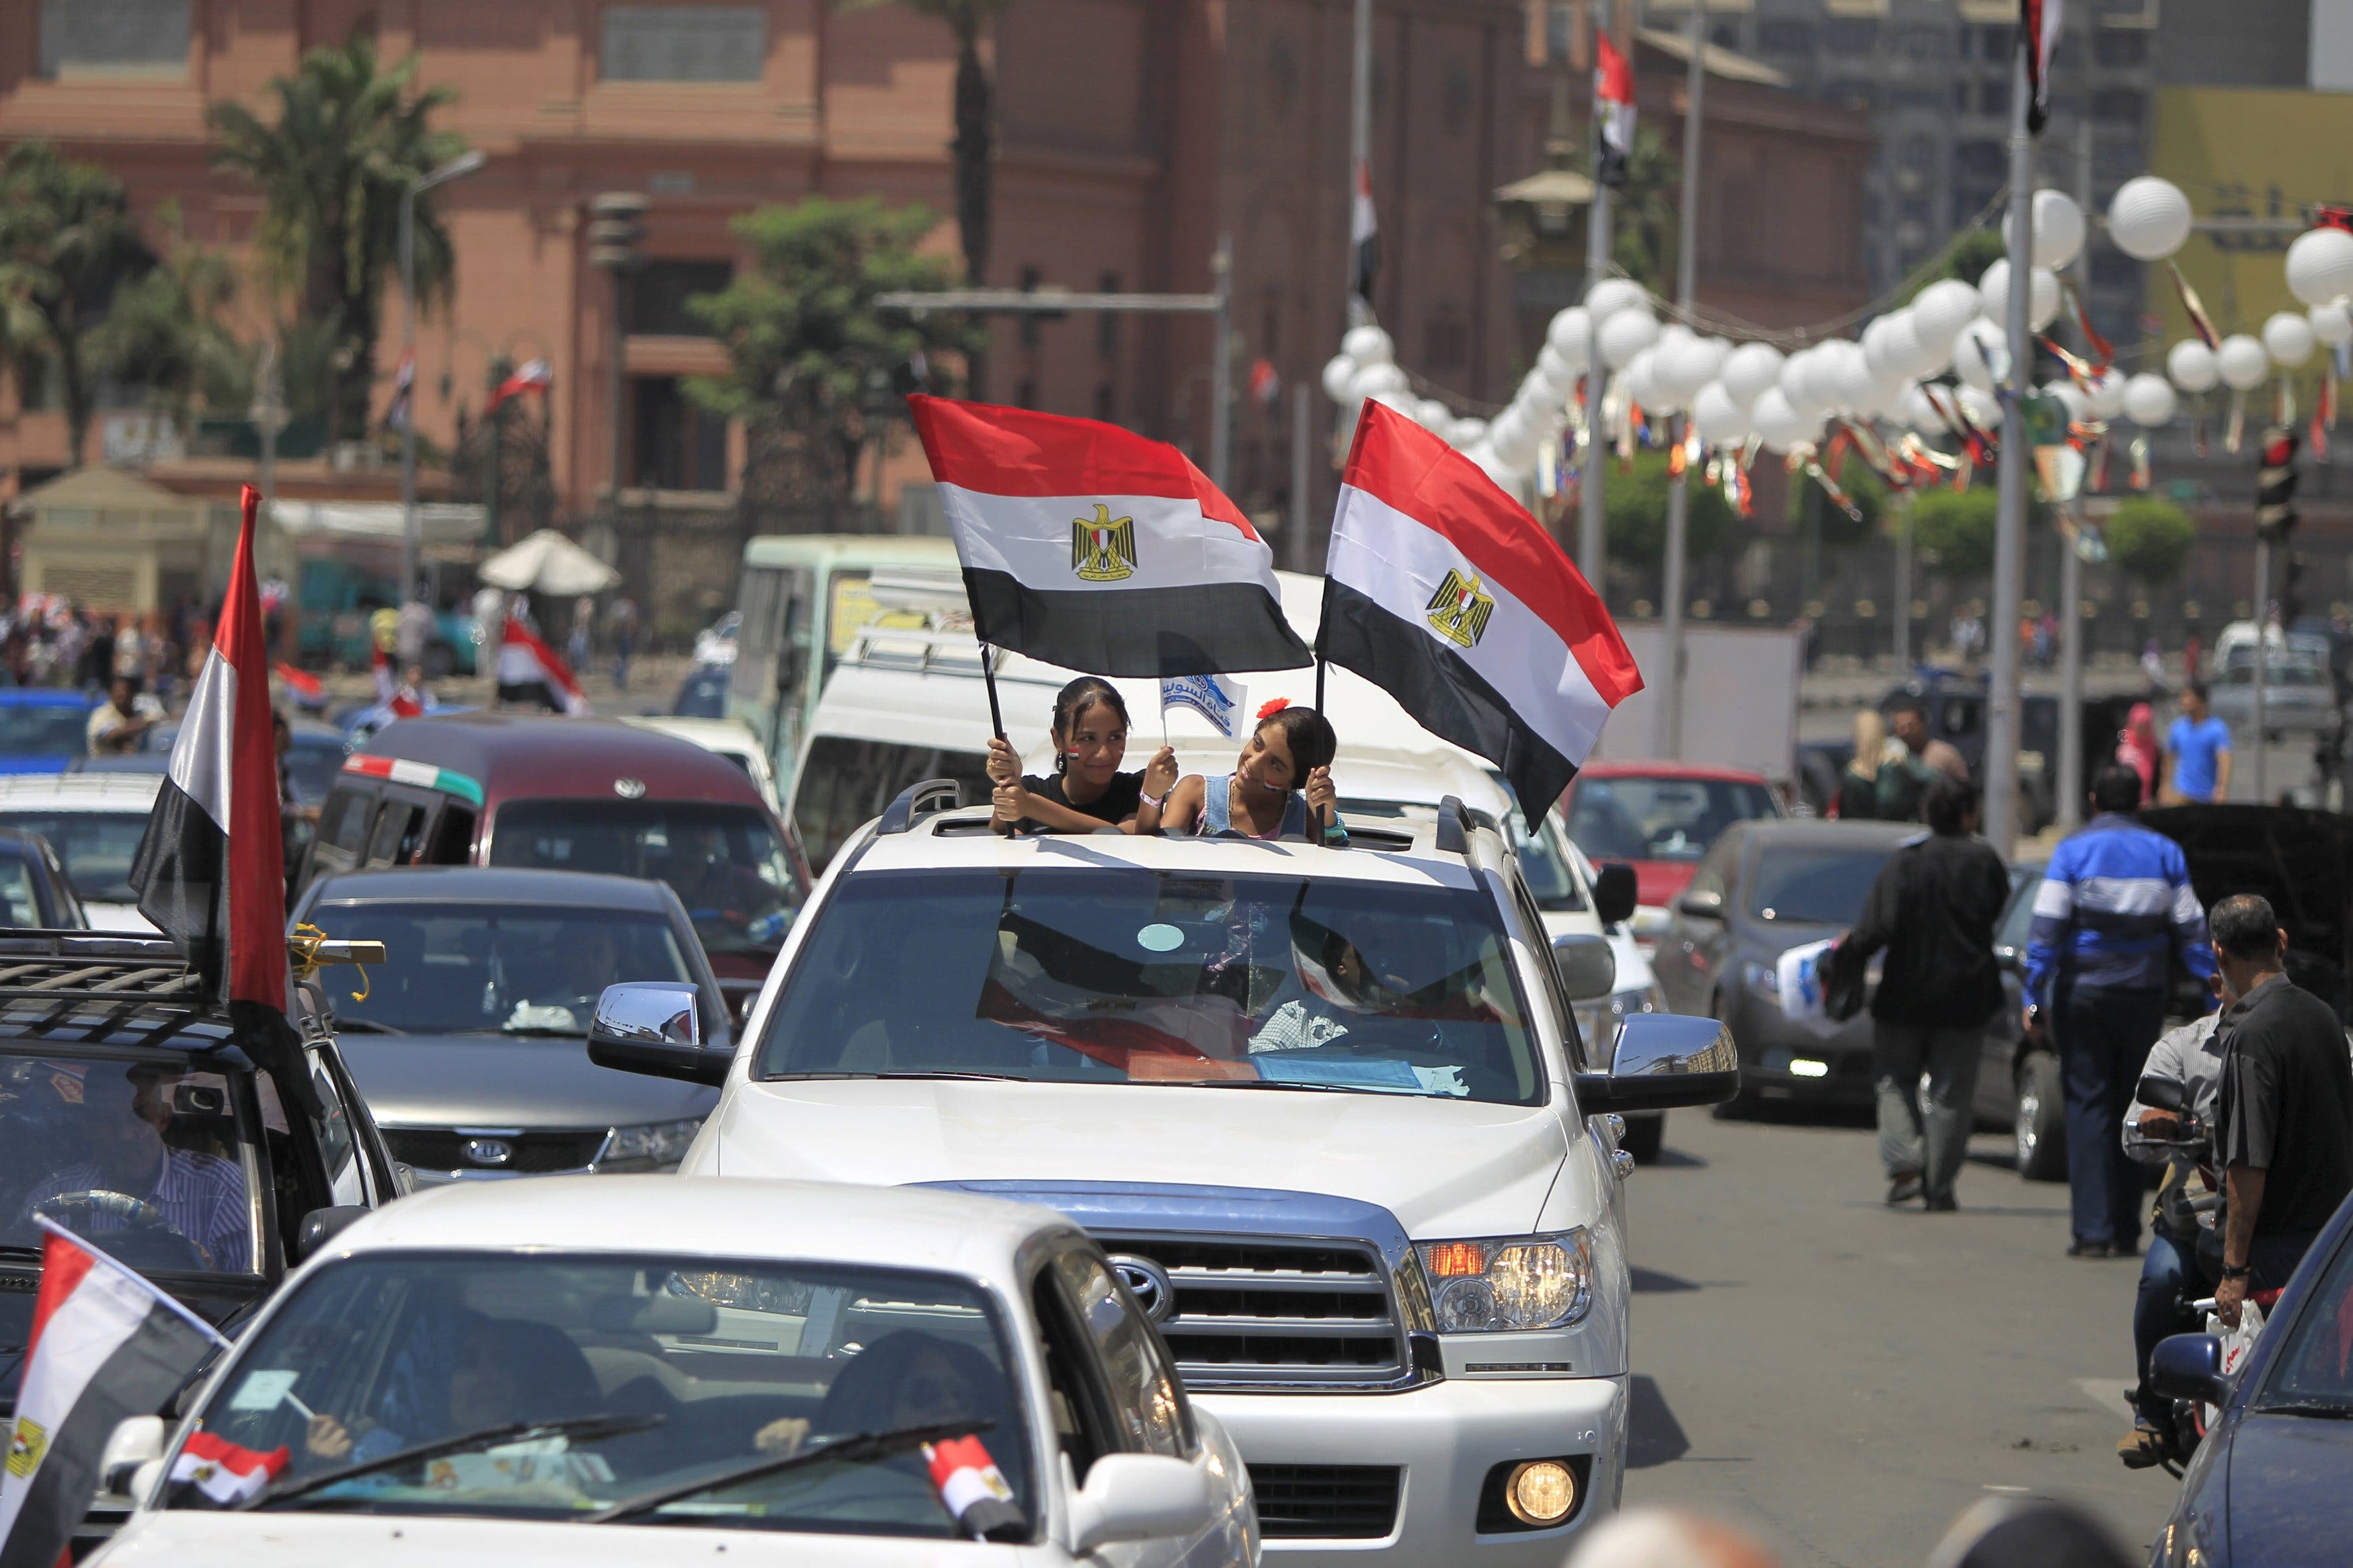 احتفالات في القاهرة بمناسبة تدشين قناة السويس الثانية